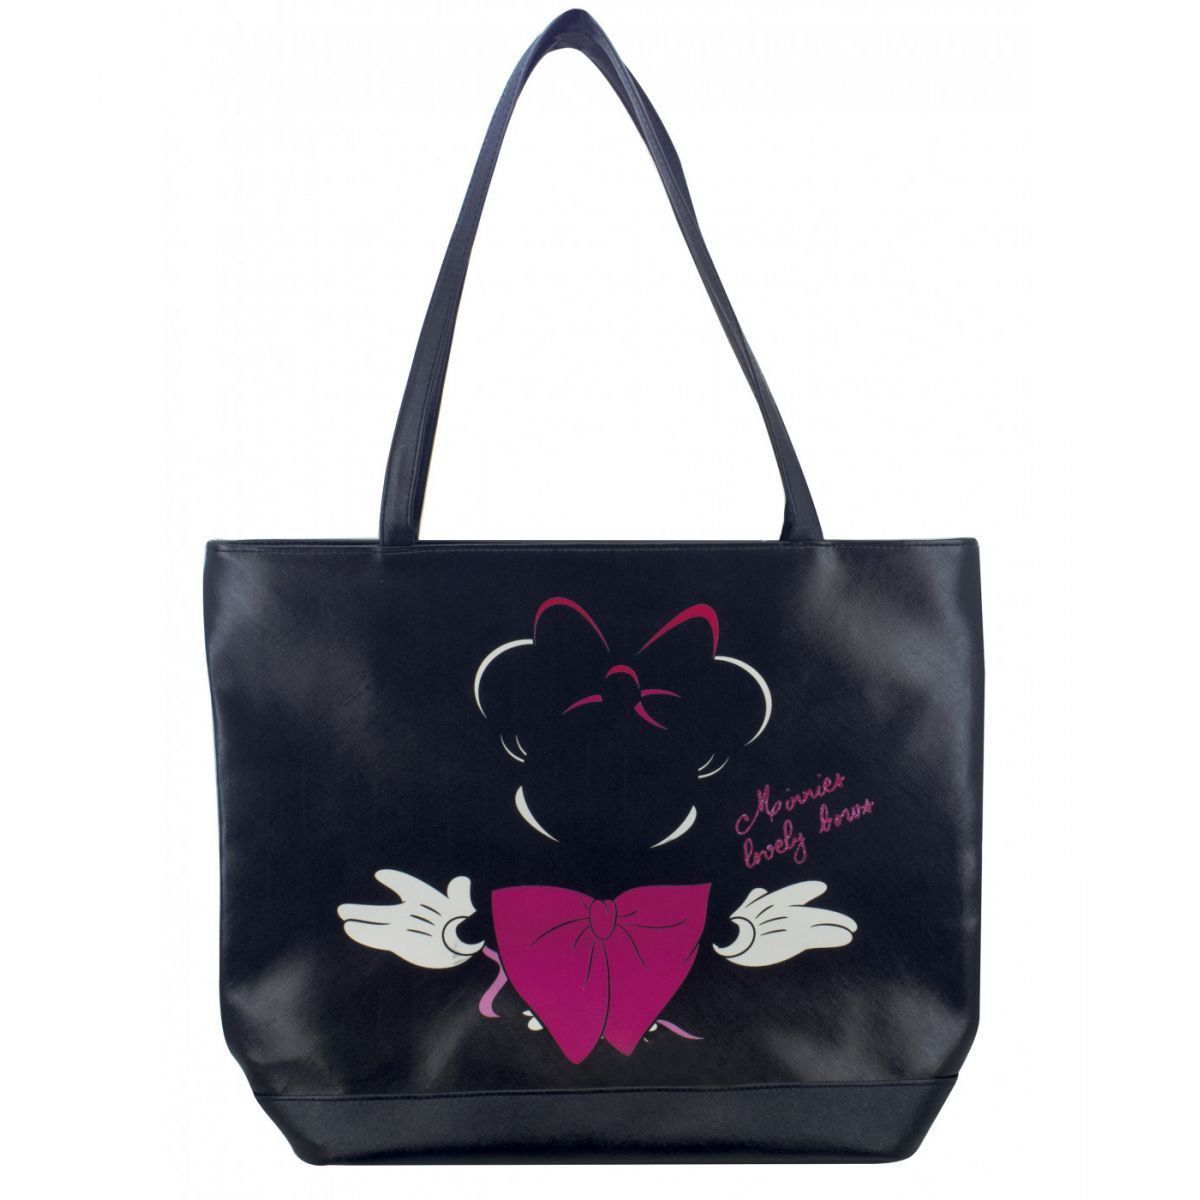 Bolsa de Couro Minnie Mouse Laço Preta - Disney